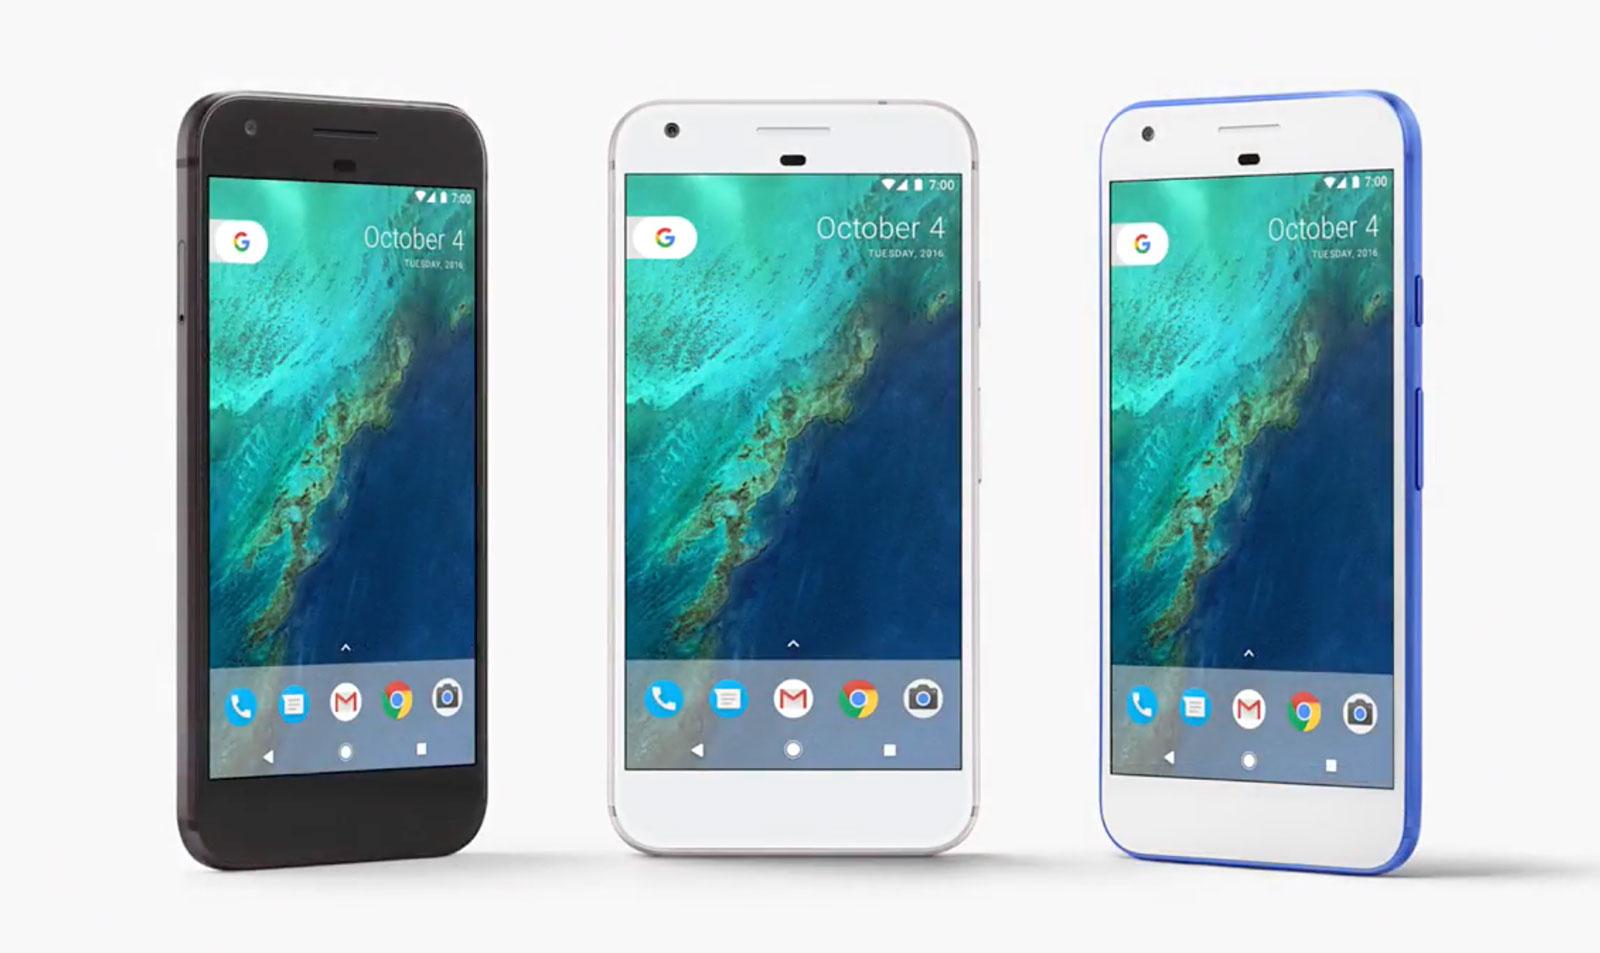 Ab 759 Euro: Google Pixel kann vorbestellt werden